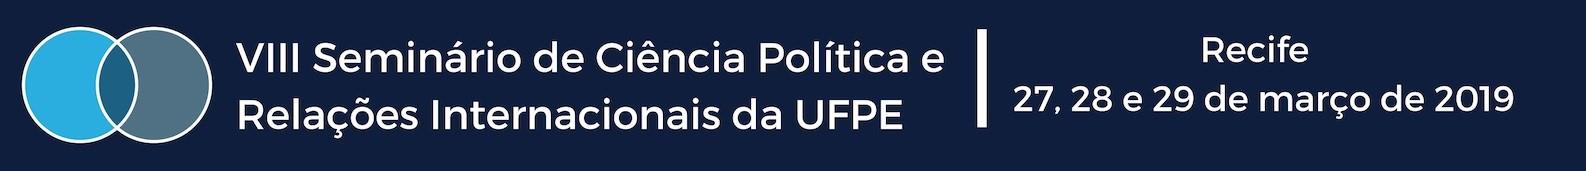 VIII Seminário de Ciência Política e Relações Internacionais da UFPE